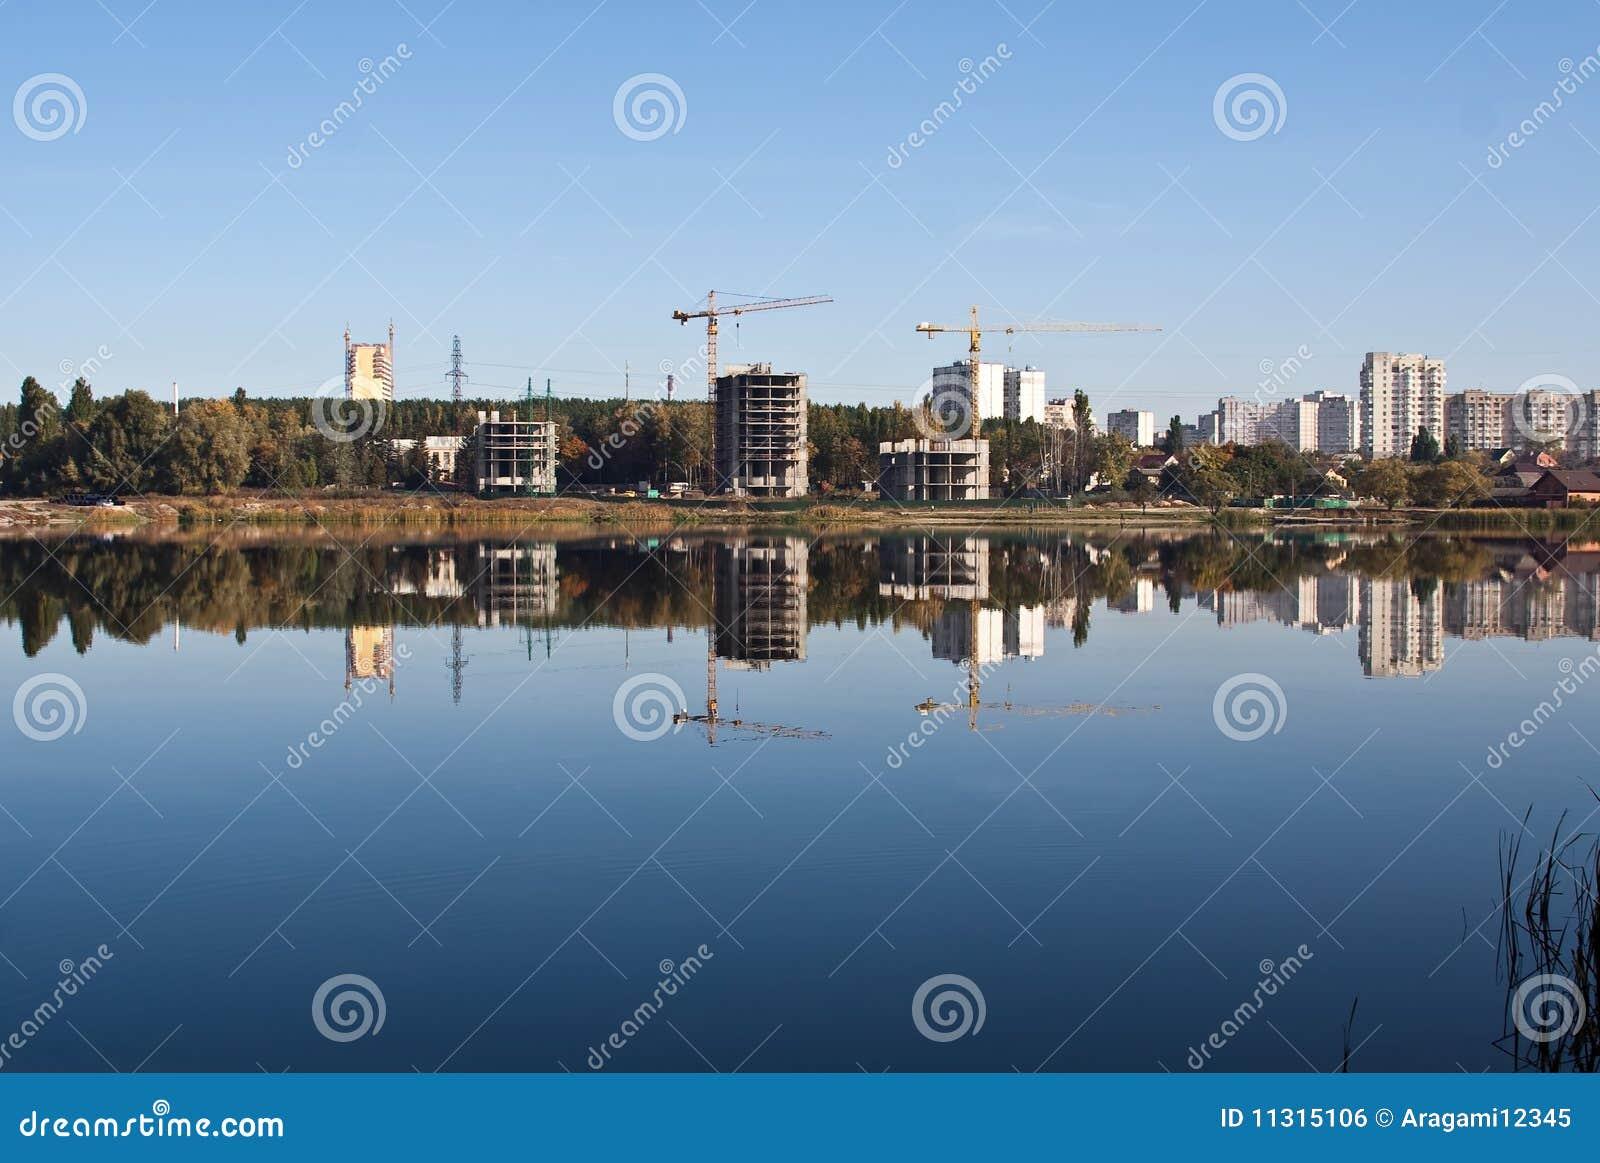 Widergespiegelte Stadtlandschaft